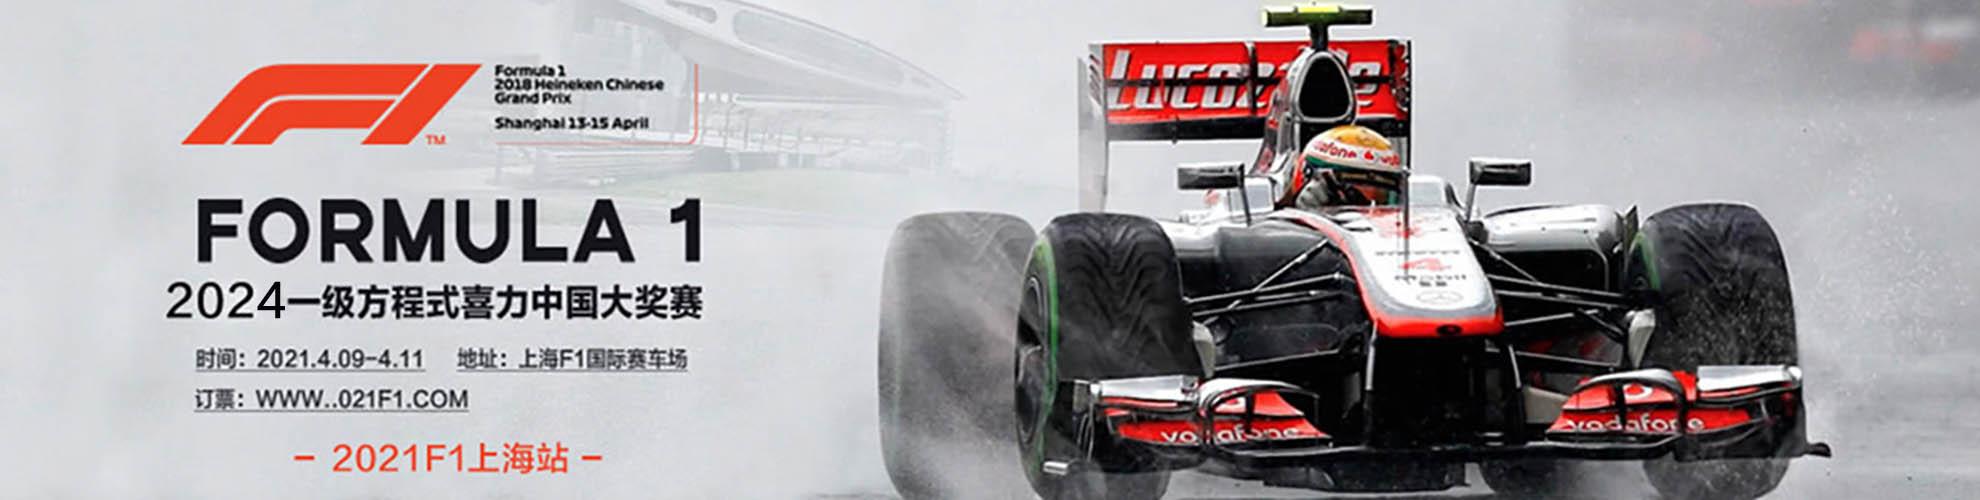 2021年上海F1官方訂票